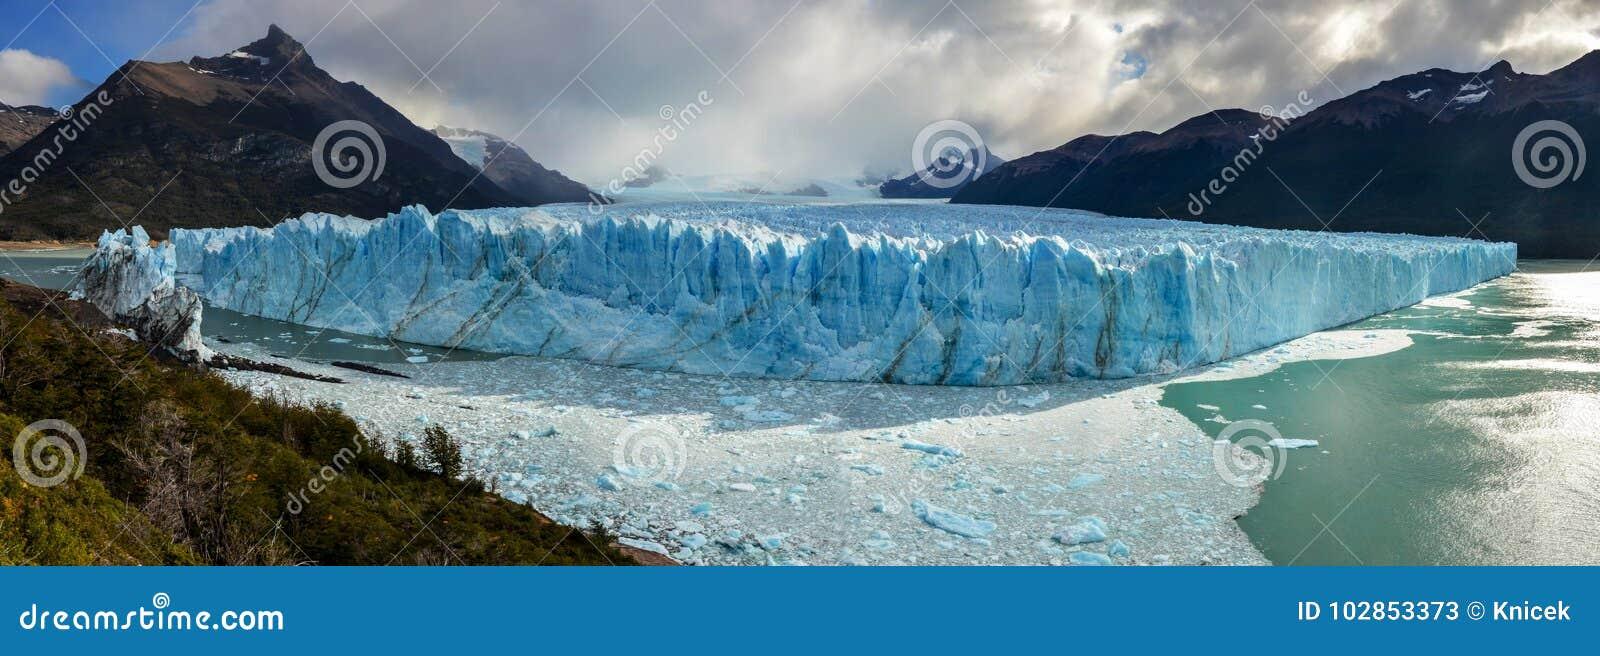 Perito Moreno lodowiec w Los Glaciares parku narodowym w El Calafate, Argentyna, Ameryka Południowa